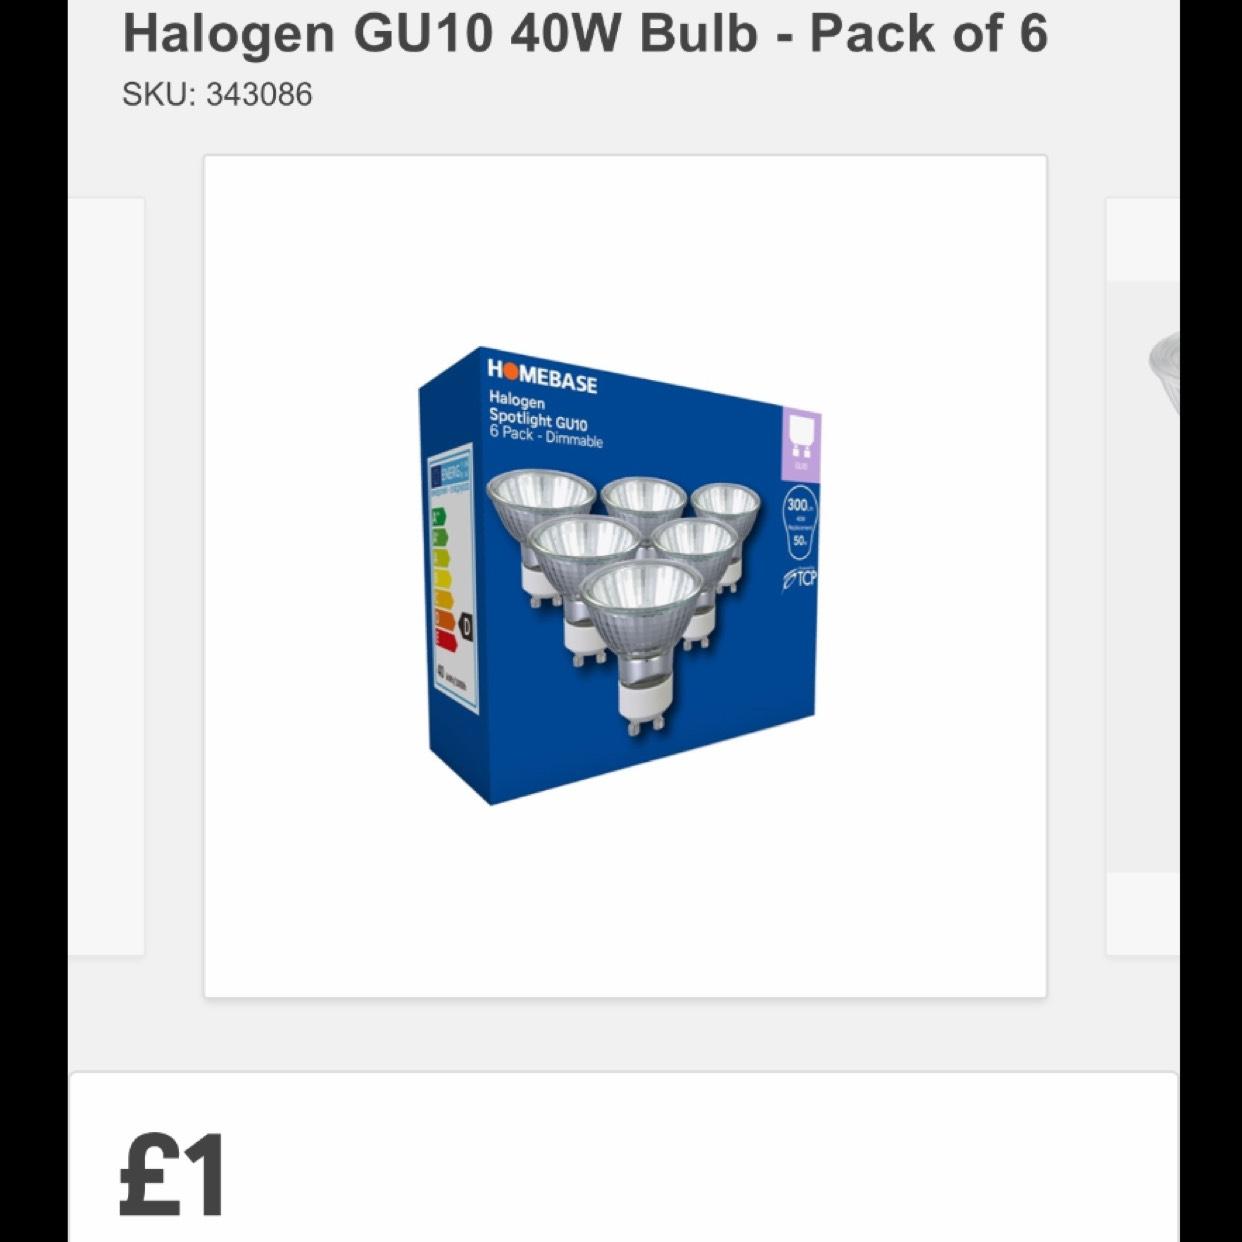 Halogen g10 40w Bulbs Pack of 6 @ Homebase